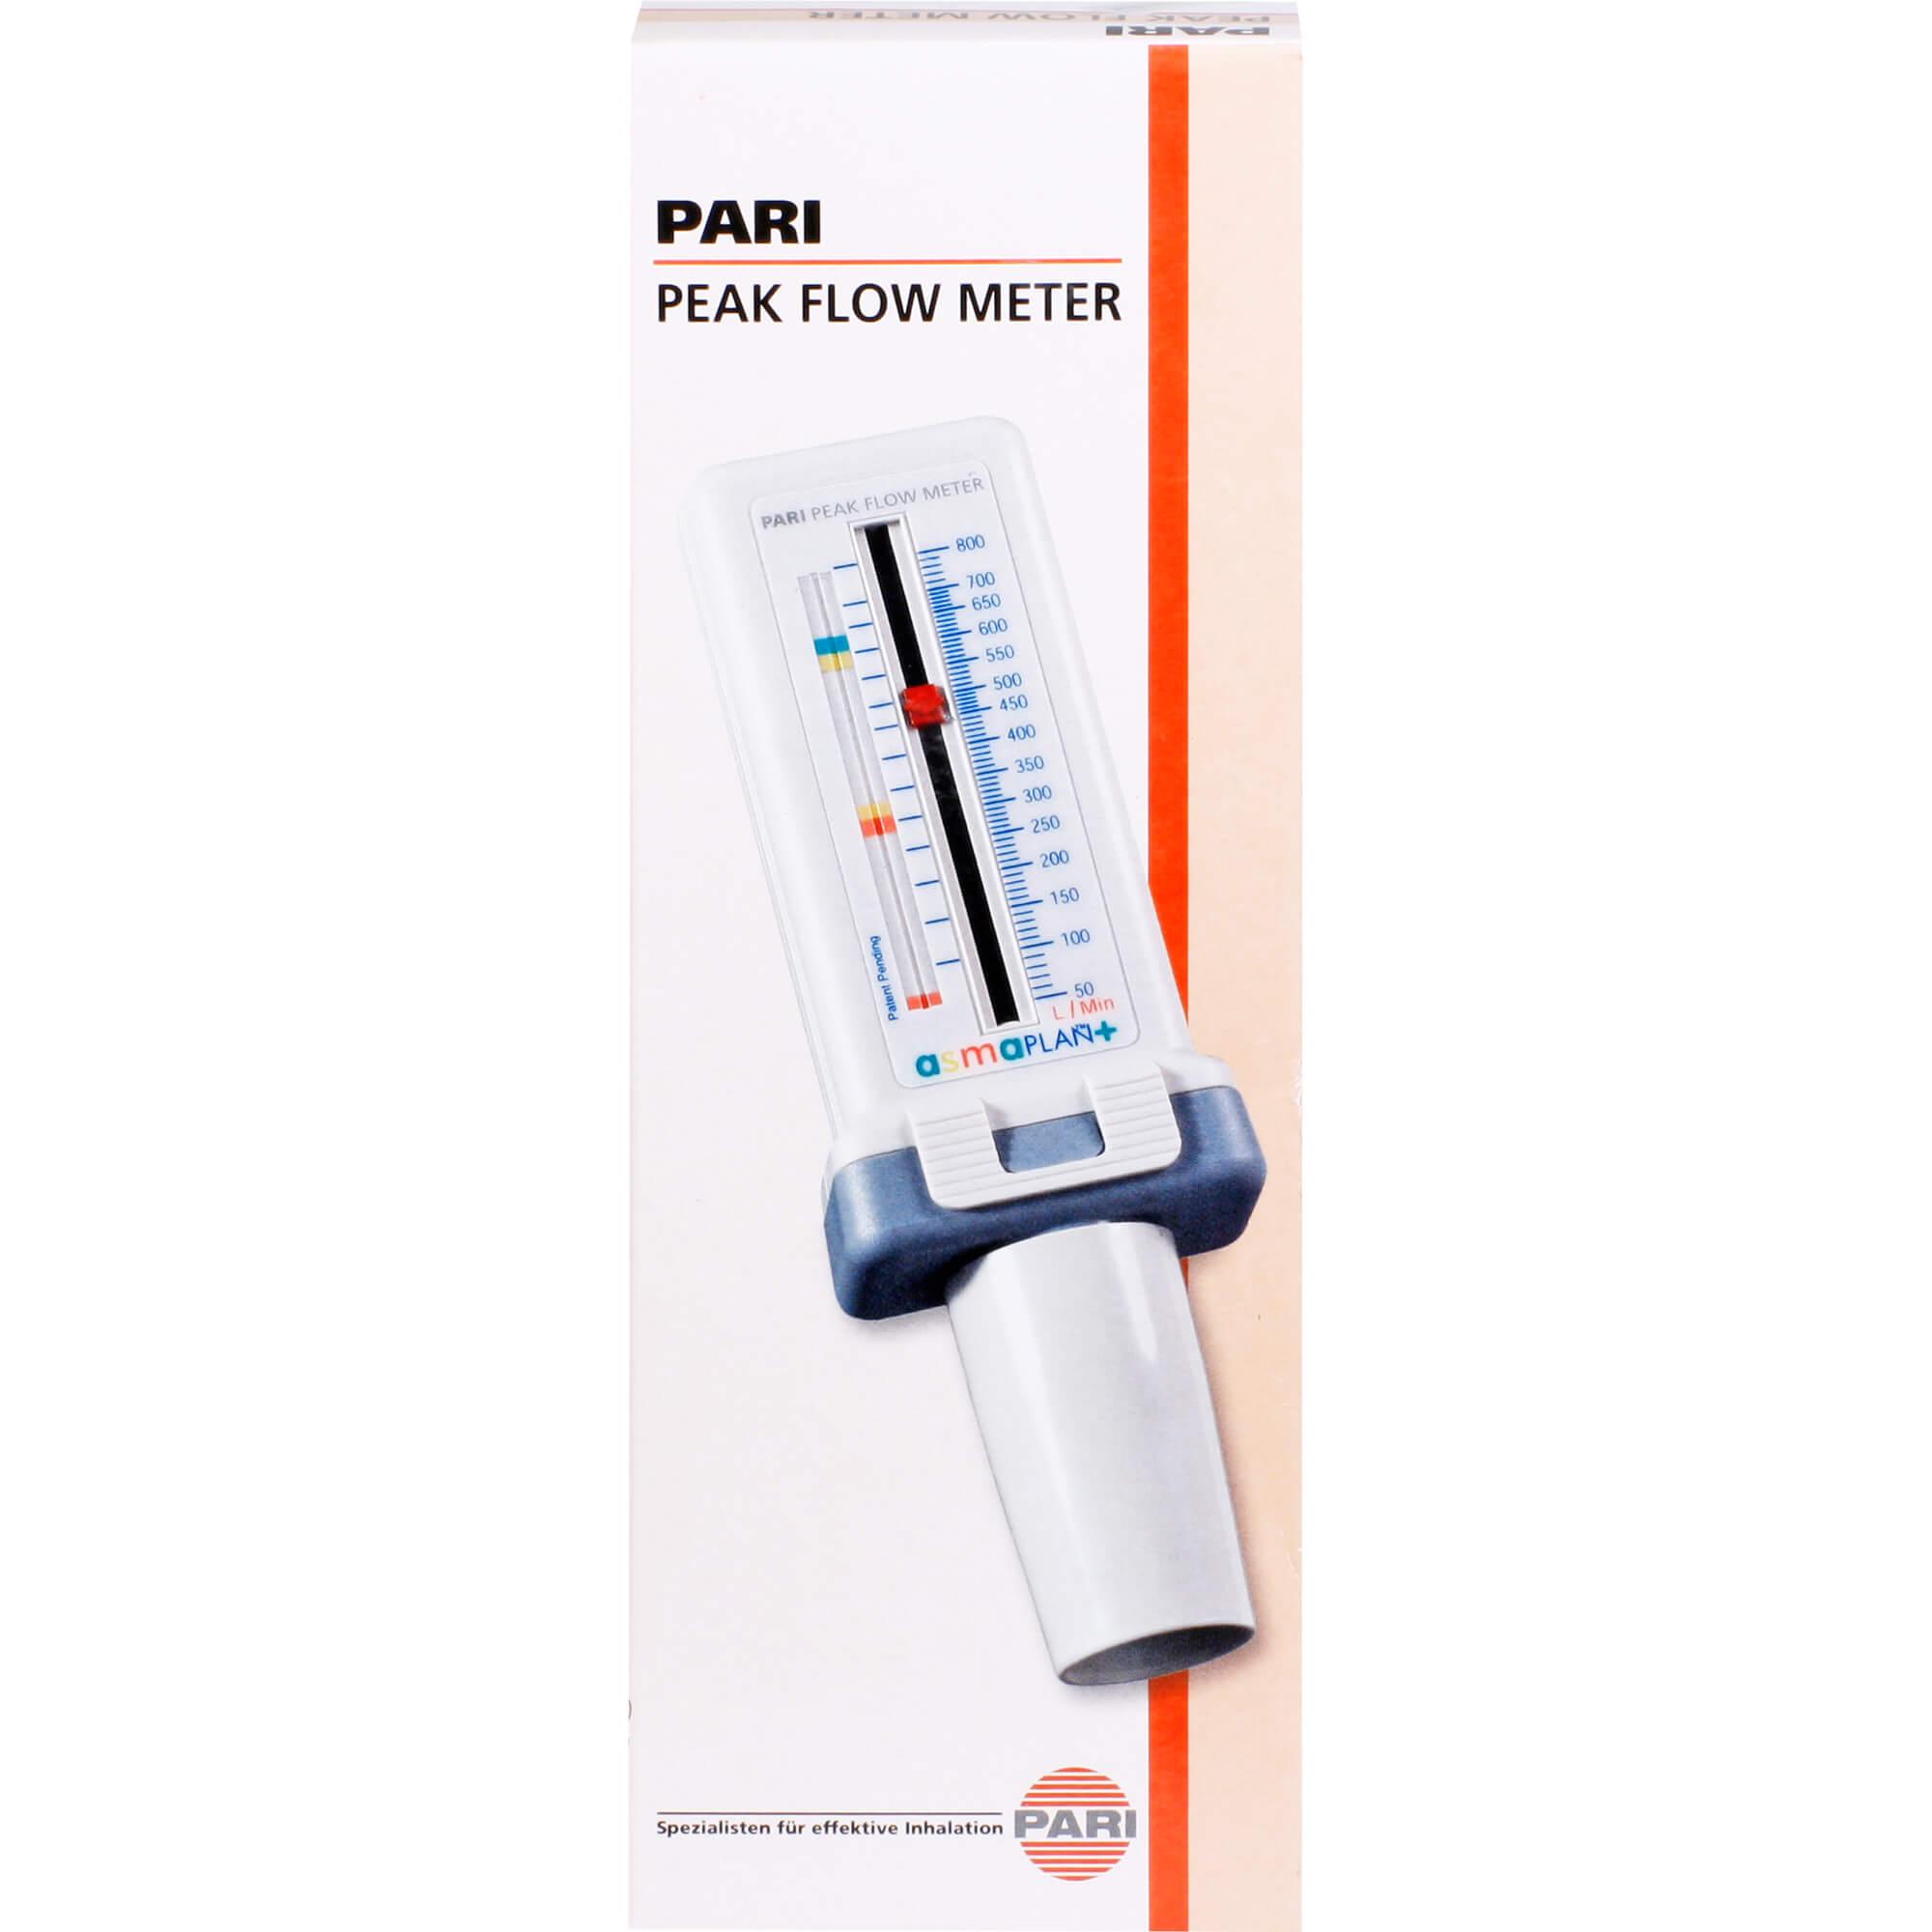 PARI Peak Flow Meter